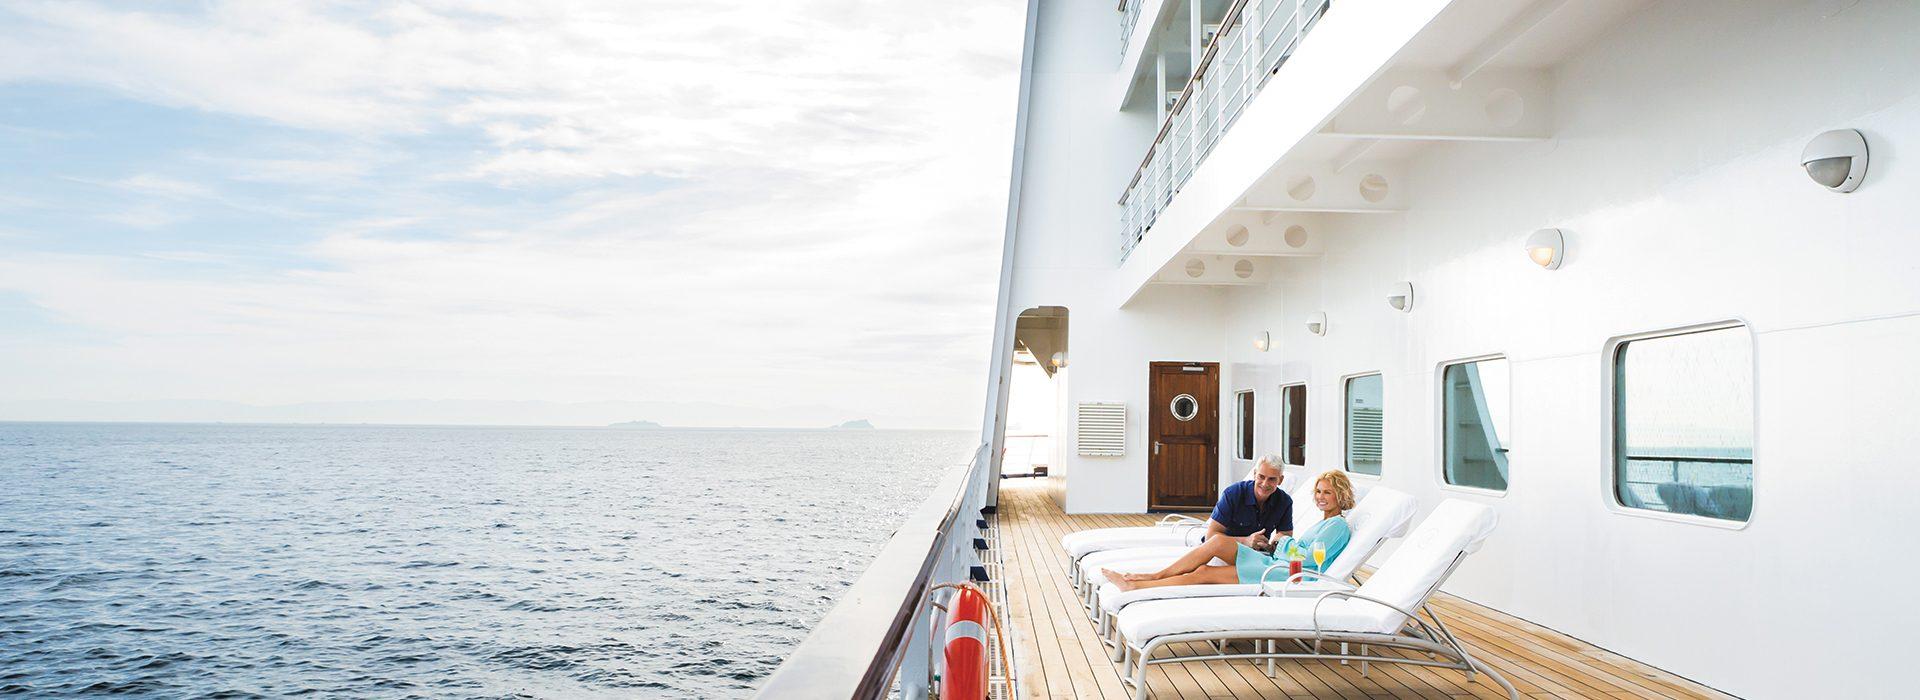 Regent Seven Seas, Kreuzfahrten, Voyager, Deck-Chairs